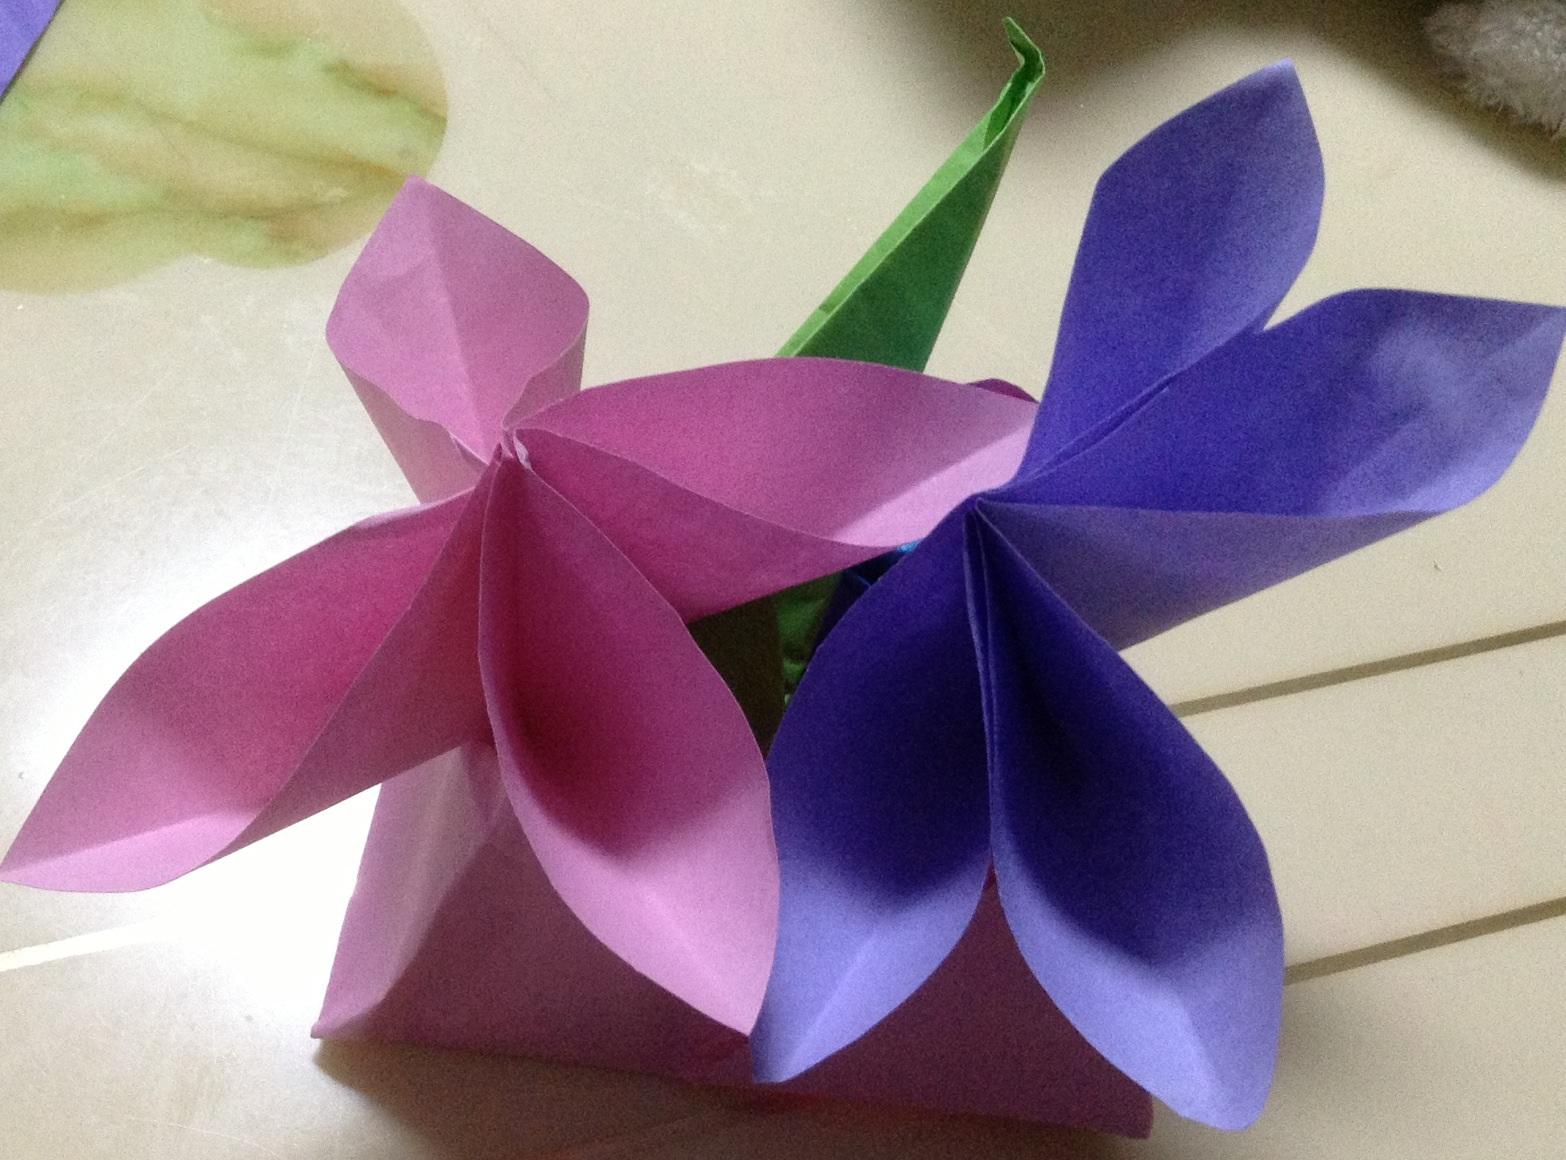 手工折纸郁金香视频花步骤图解